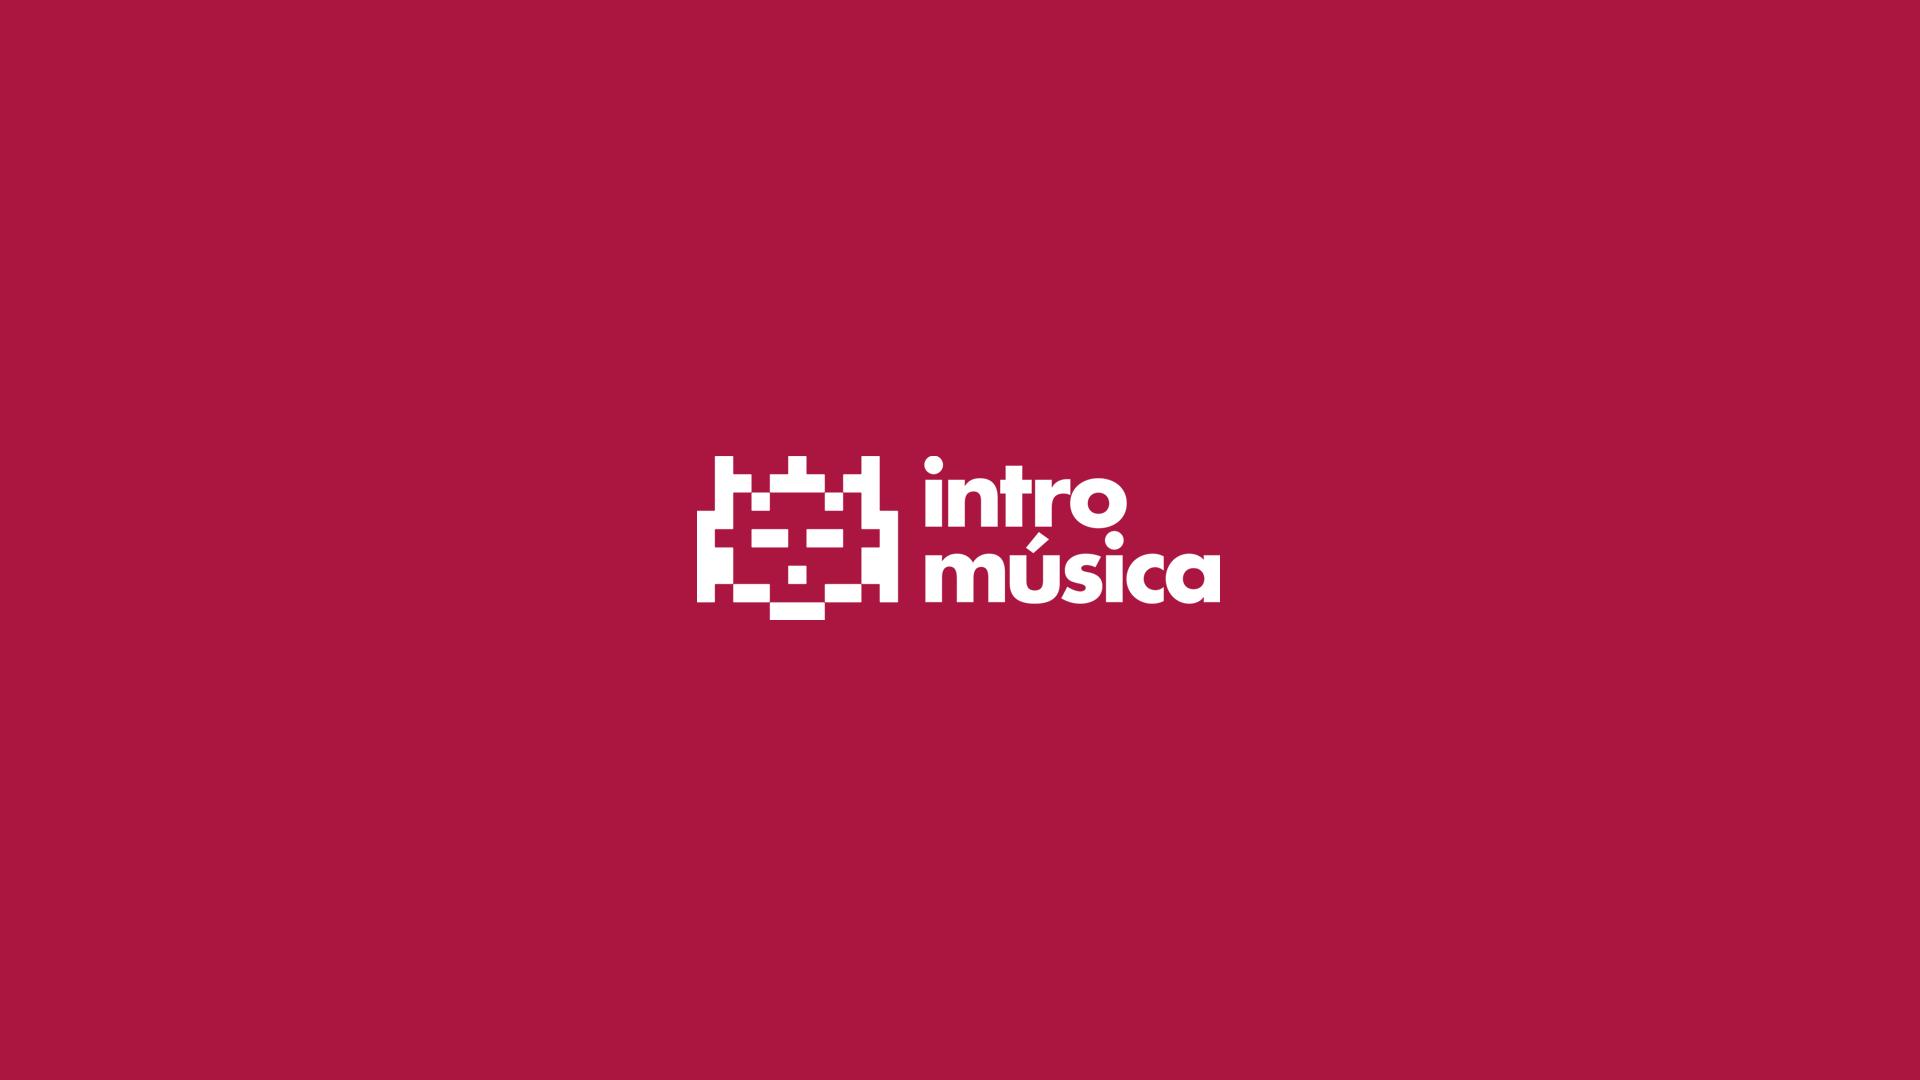 Intromúsica, web hecha por murciègalo en 2019